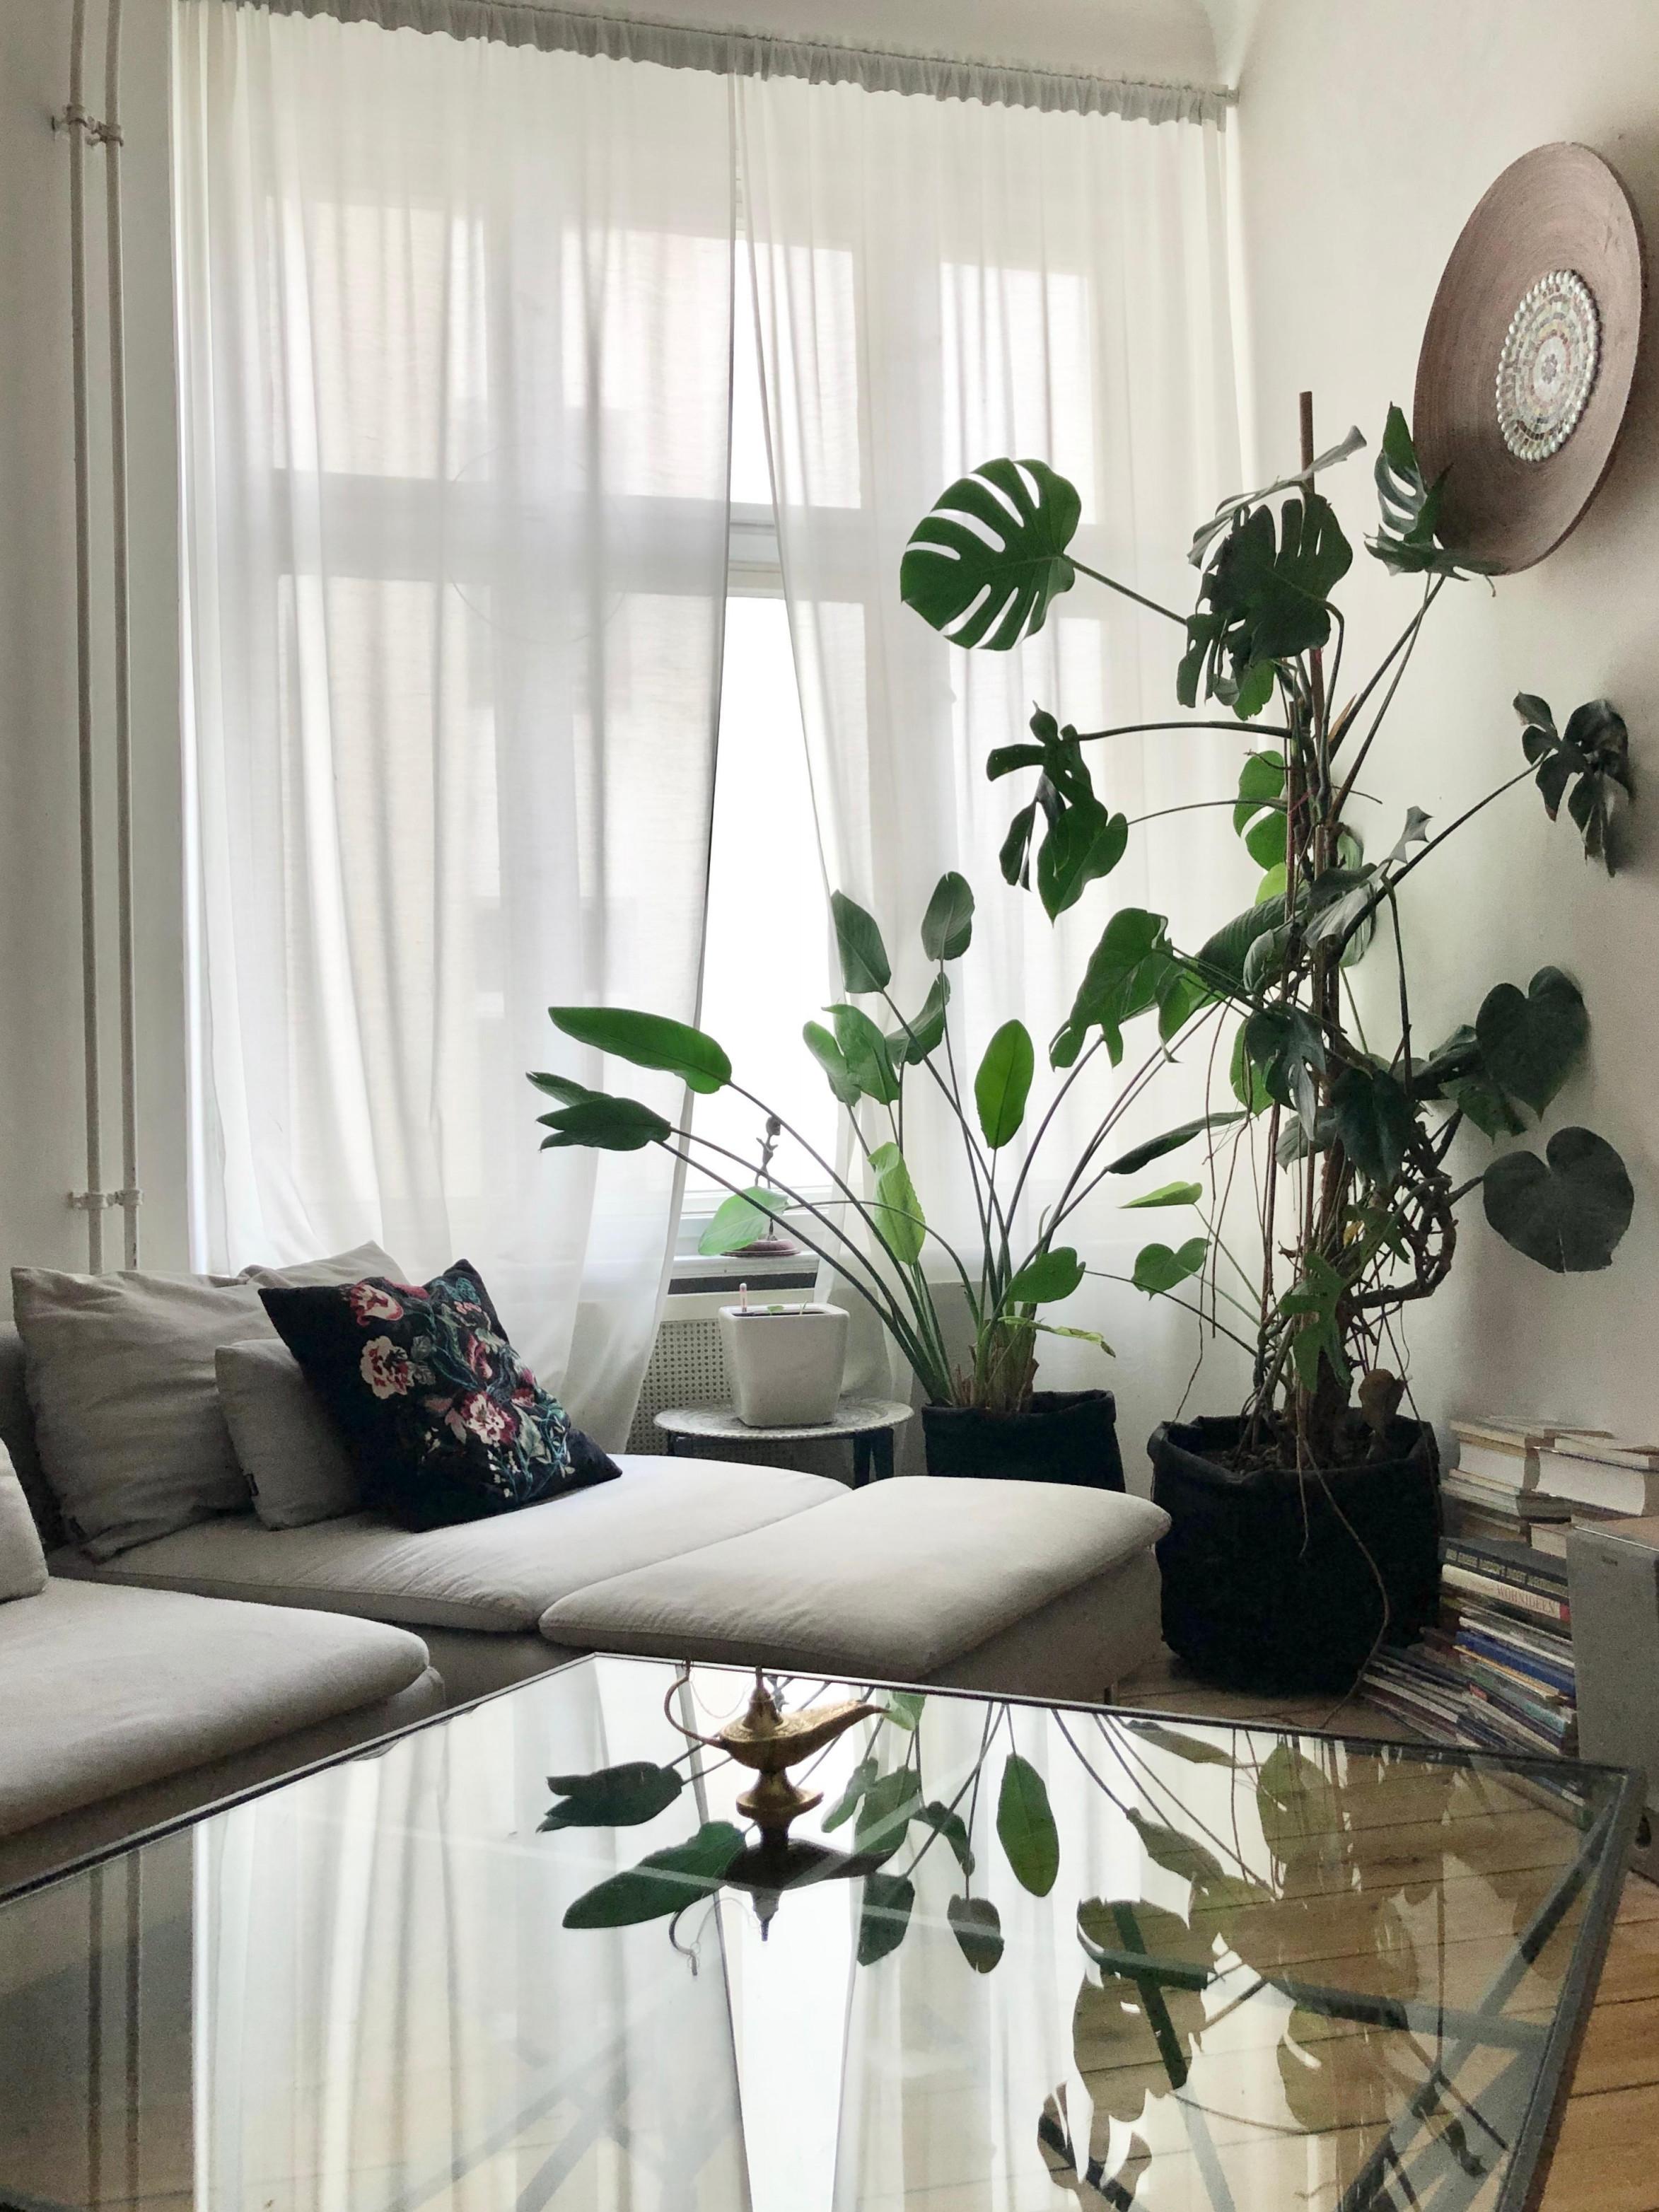 Gardinen – Praktisch Und Schön So Geht's von Gardinen Ideen Wohnzimmer Bild